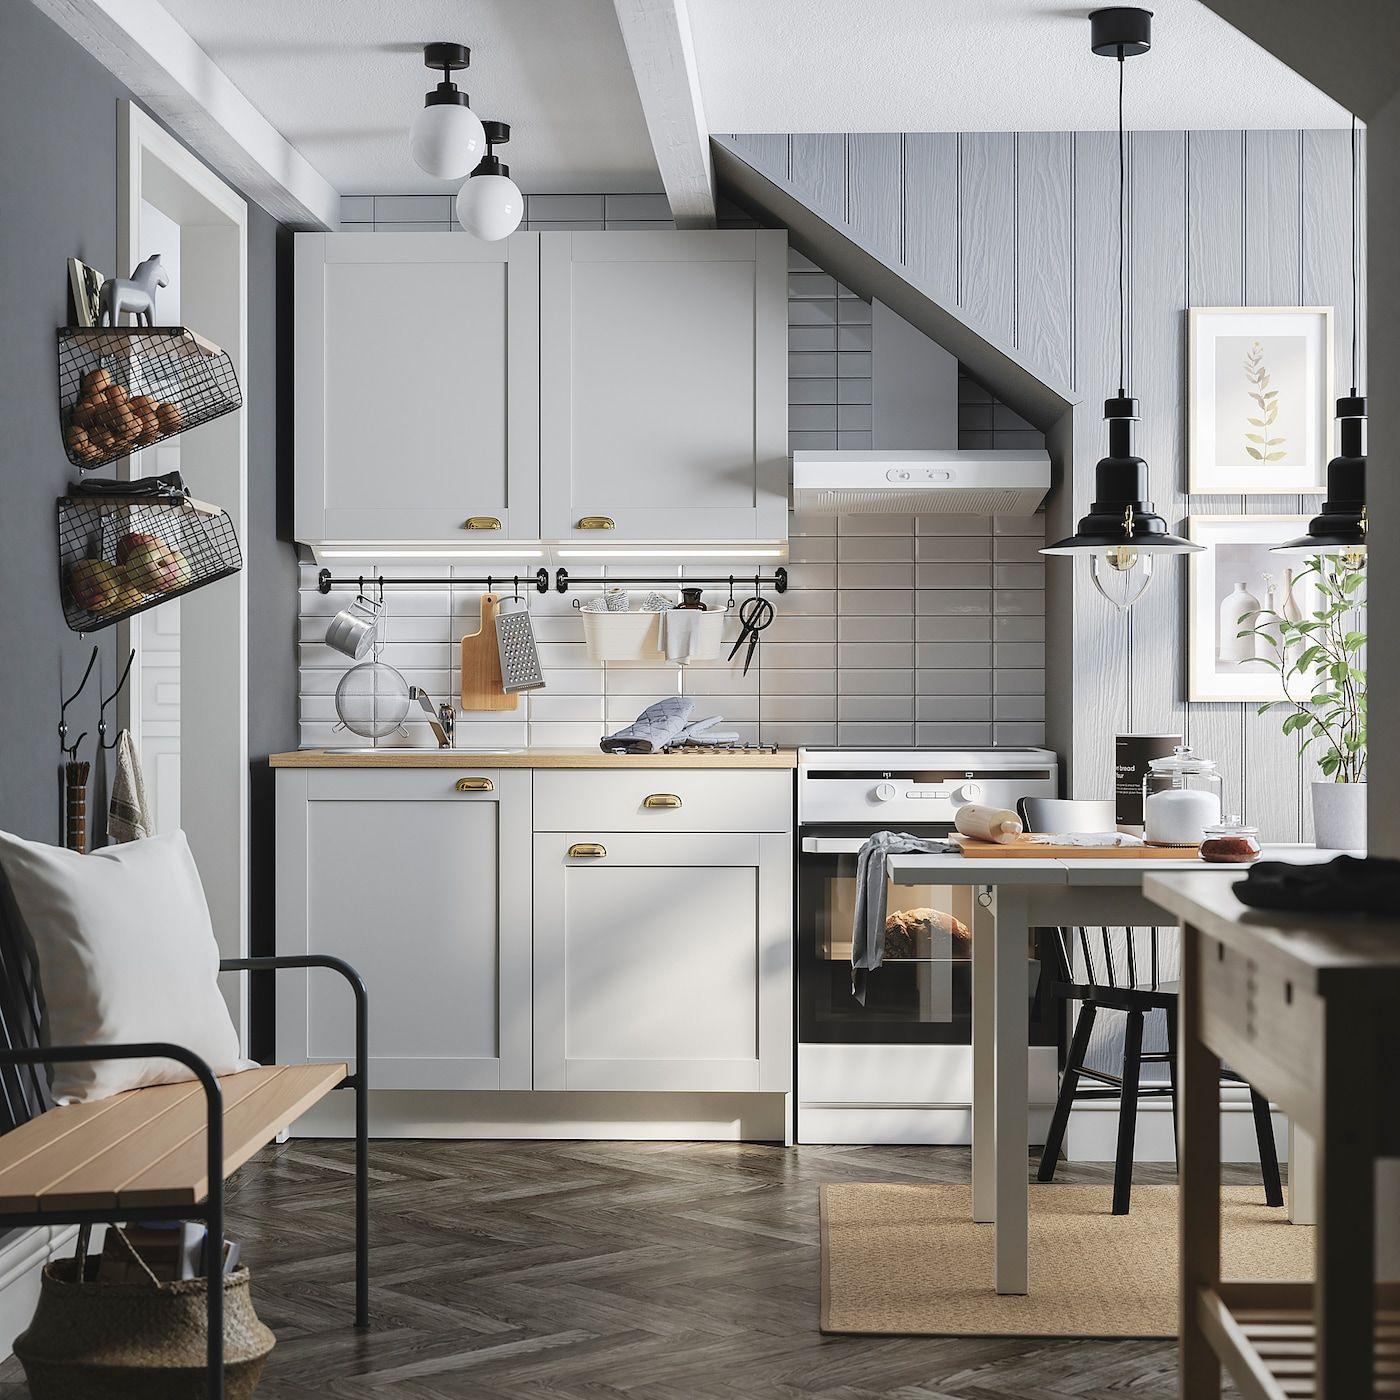 Best Knoxhult Kitchen Grey Ikea Freestanding Kitchen 400 x 300